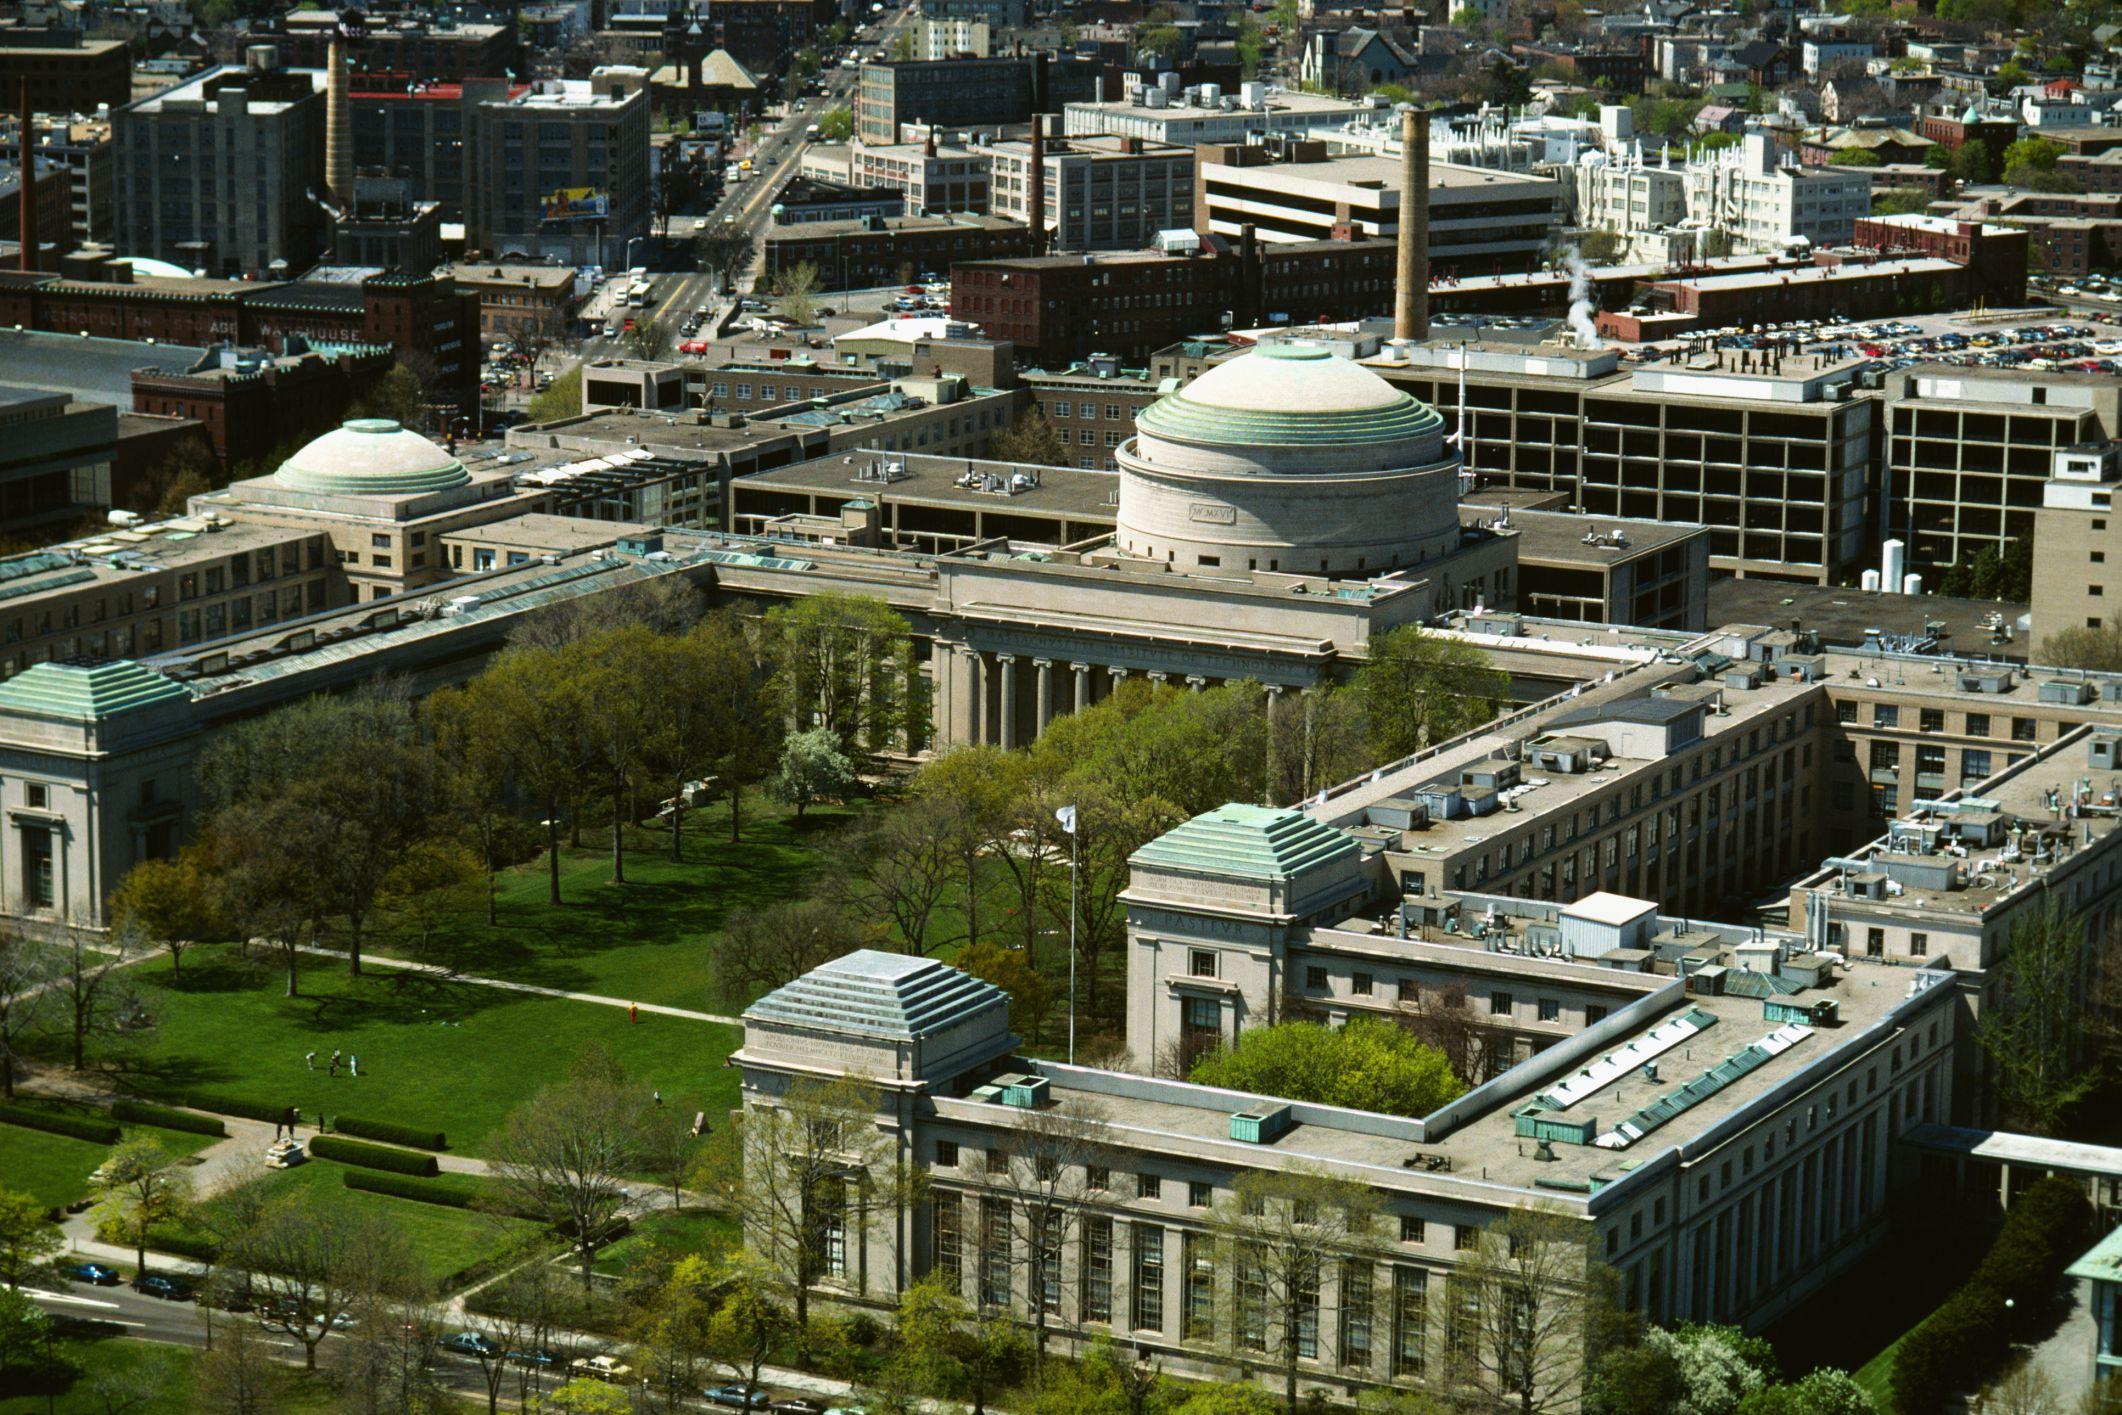 MIT. Junto con CALTECH la mejor universidad de ingeniería en EEUU.